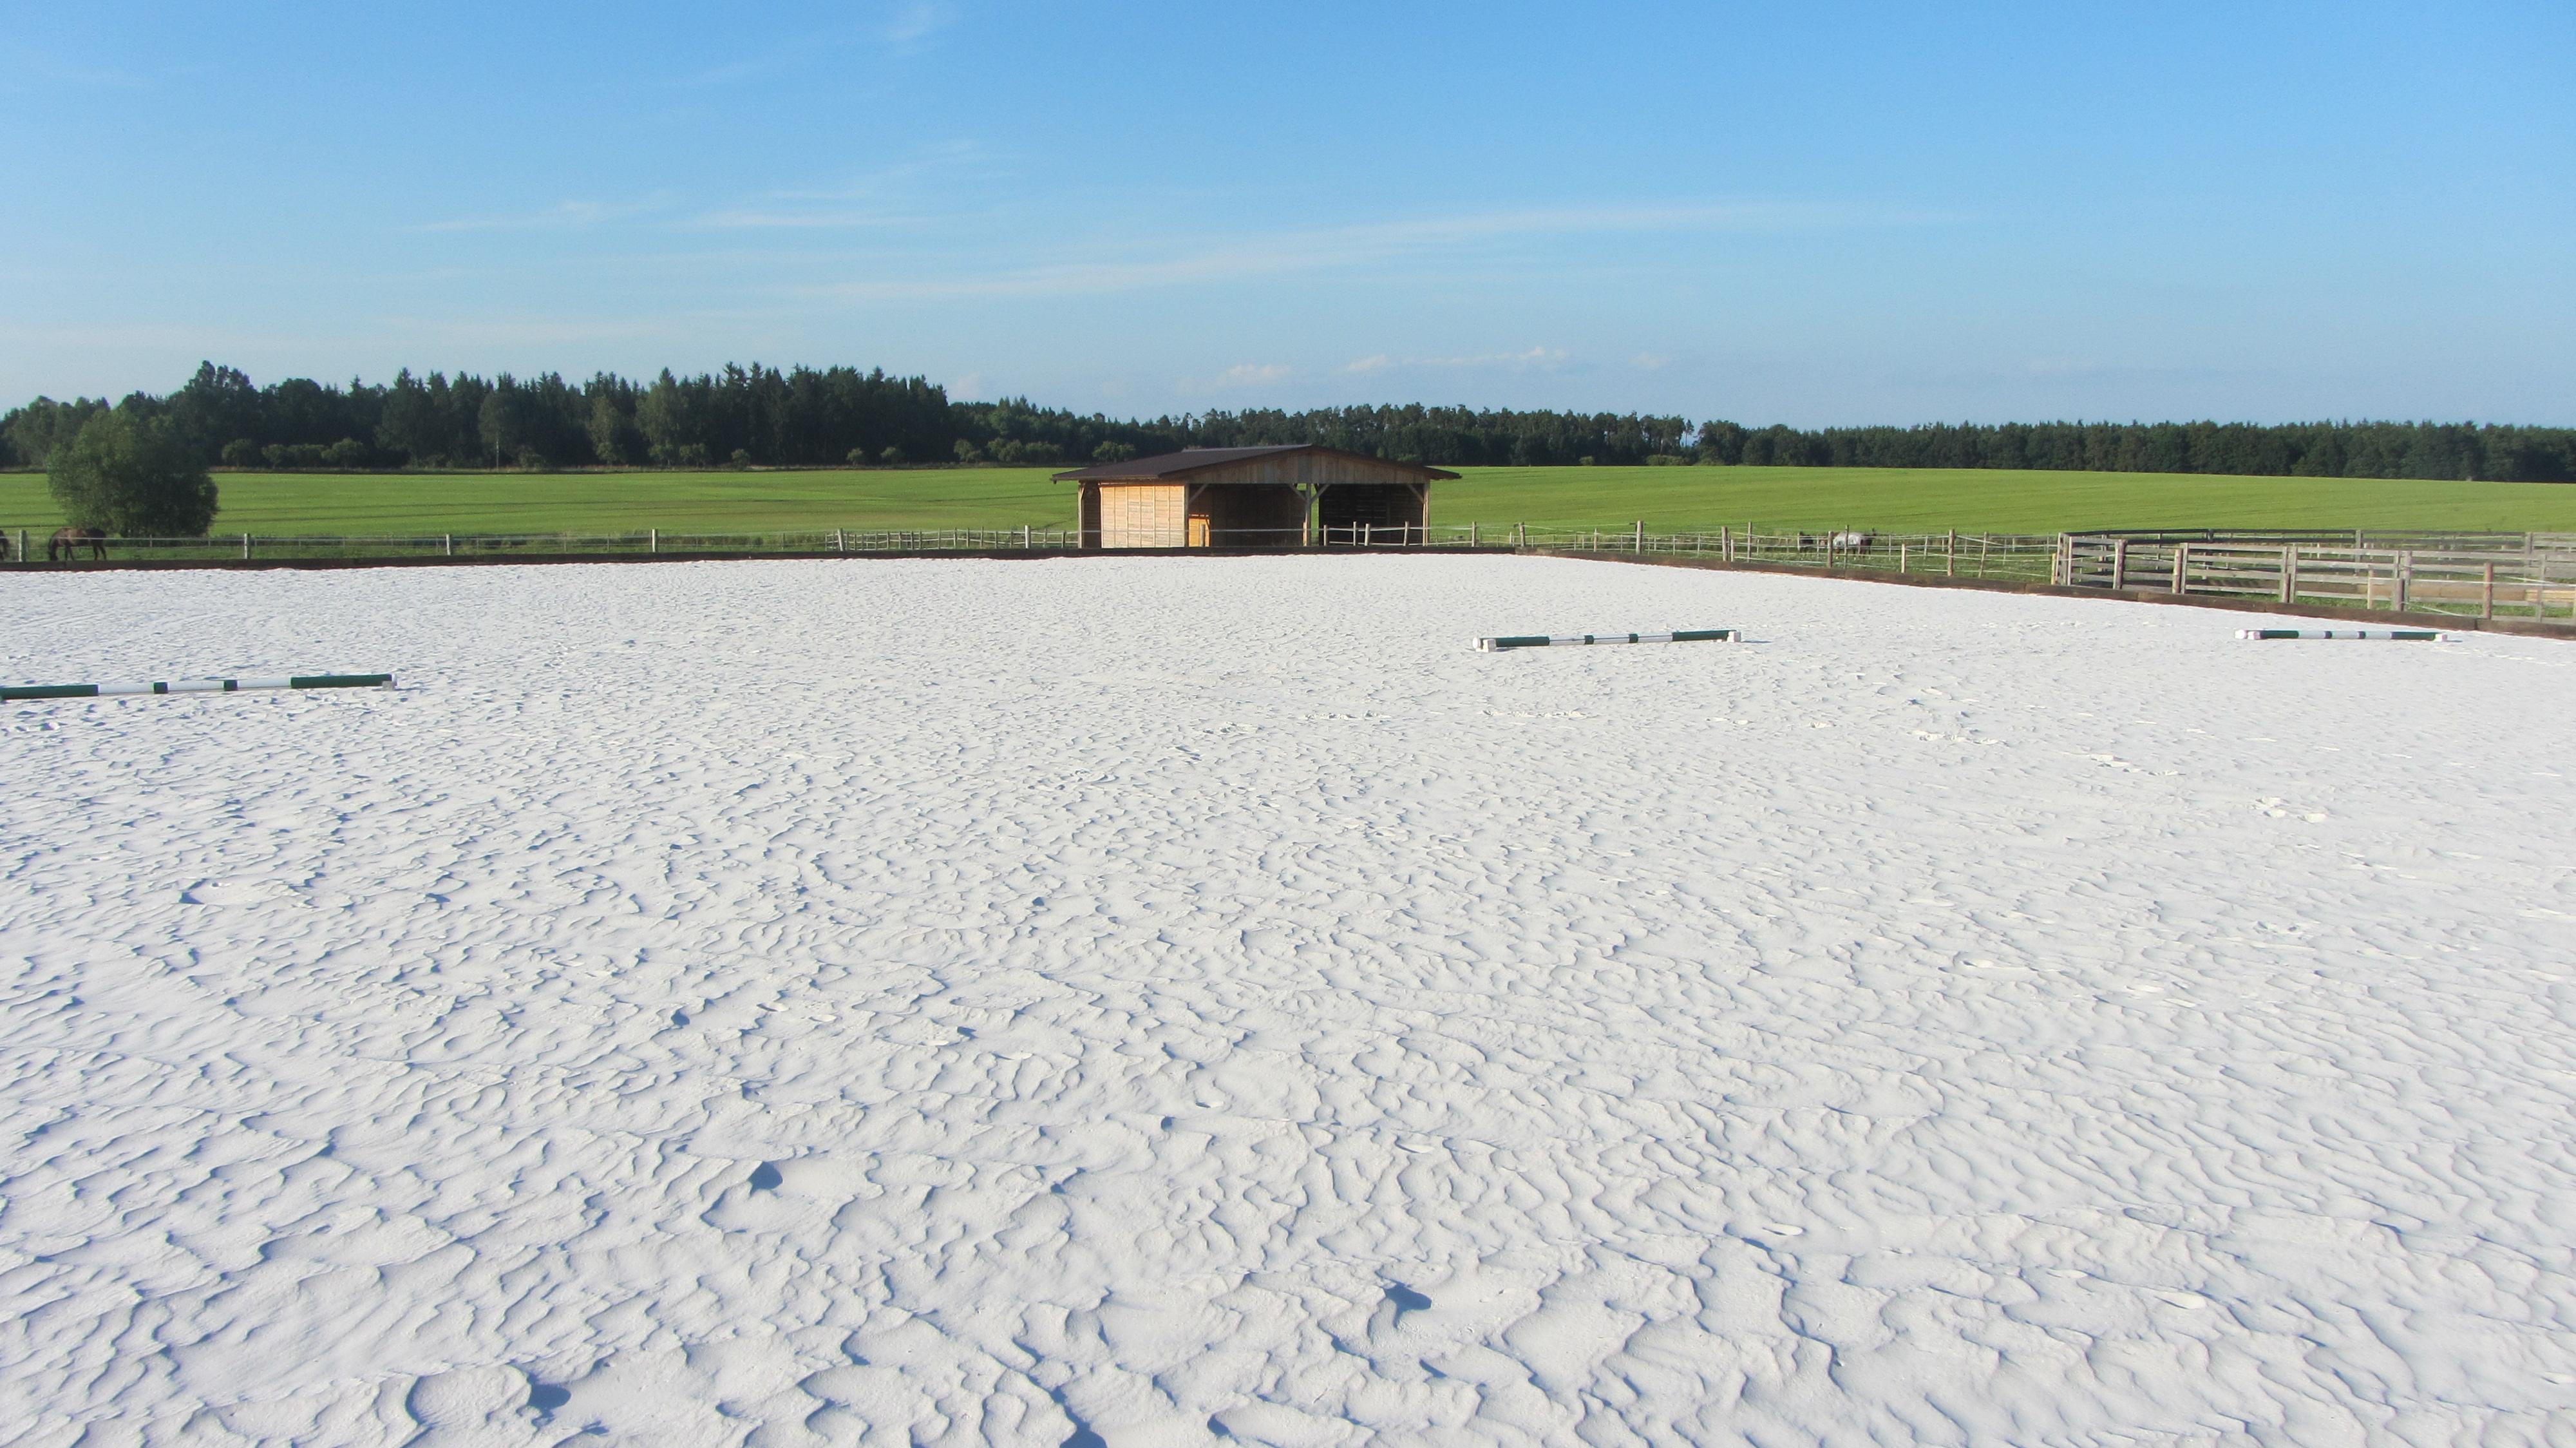 jízdárna - povrch bílý písek